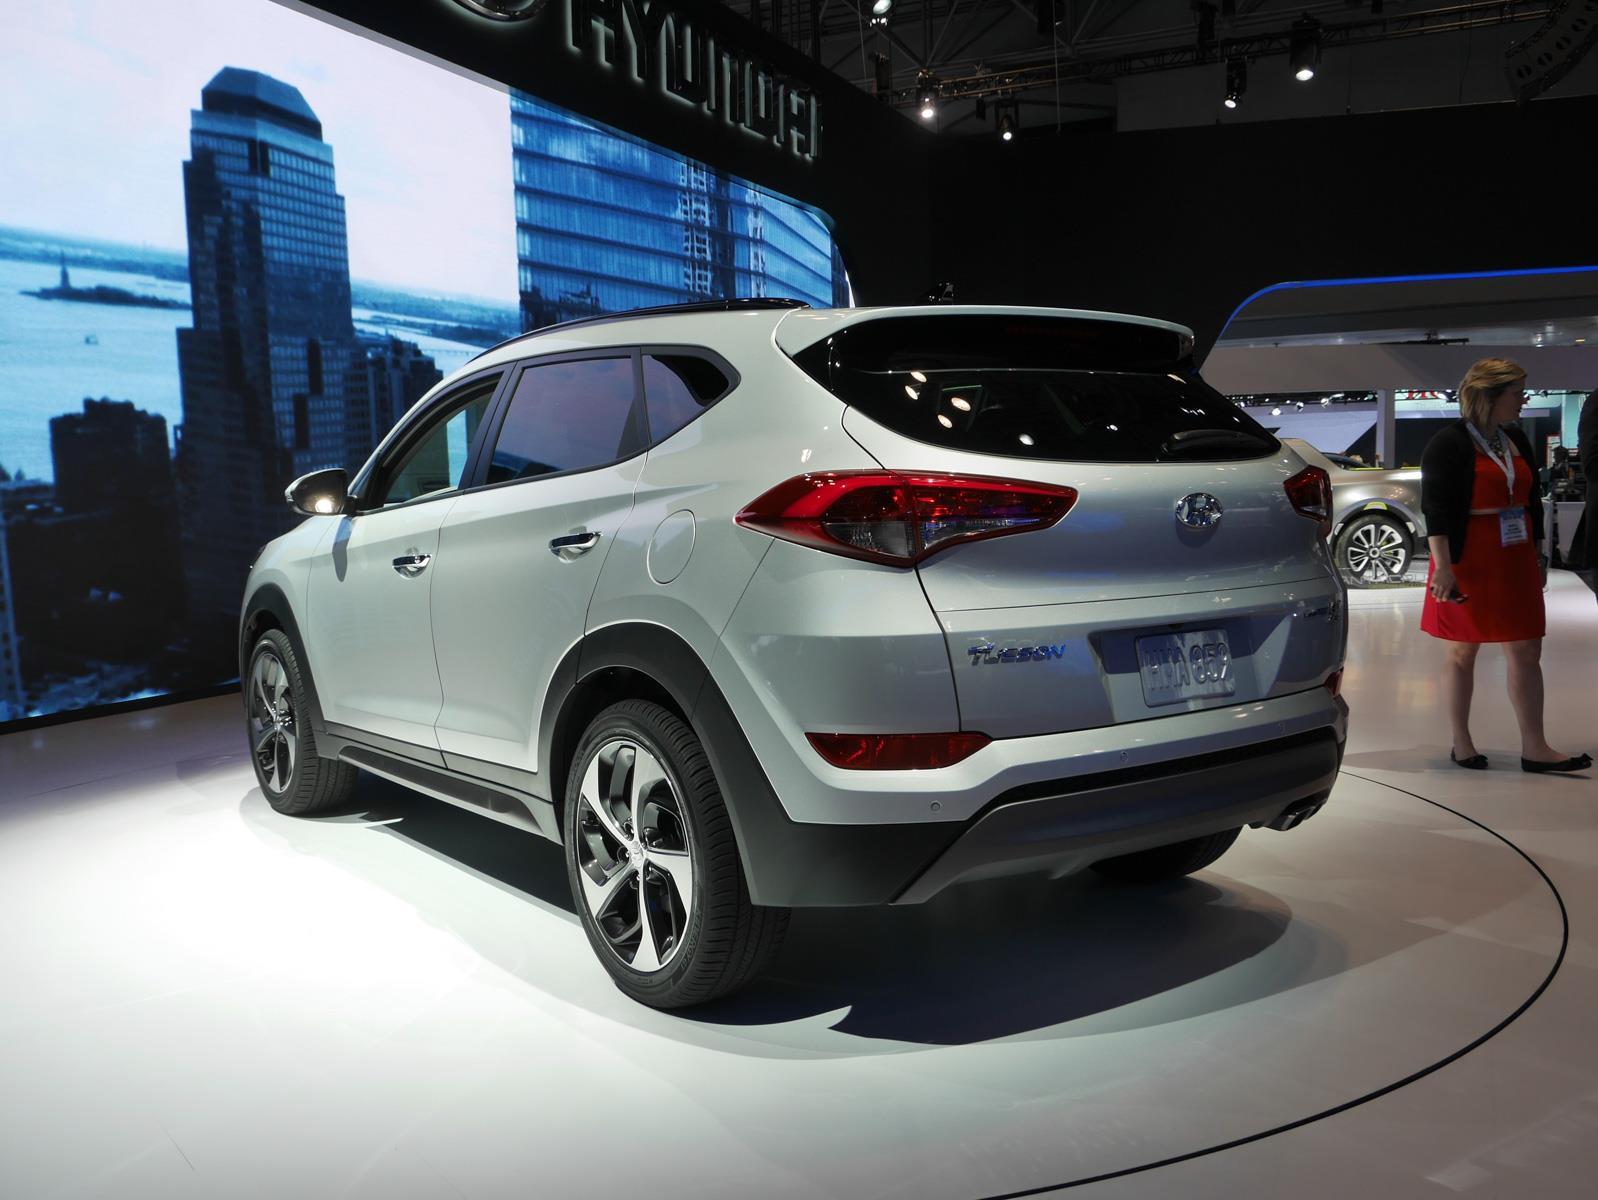 Hyundai Tucson 2016 tiene un precio inicial de  22,700 dólares ... 5498bb18ae